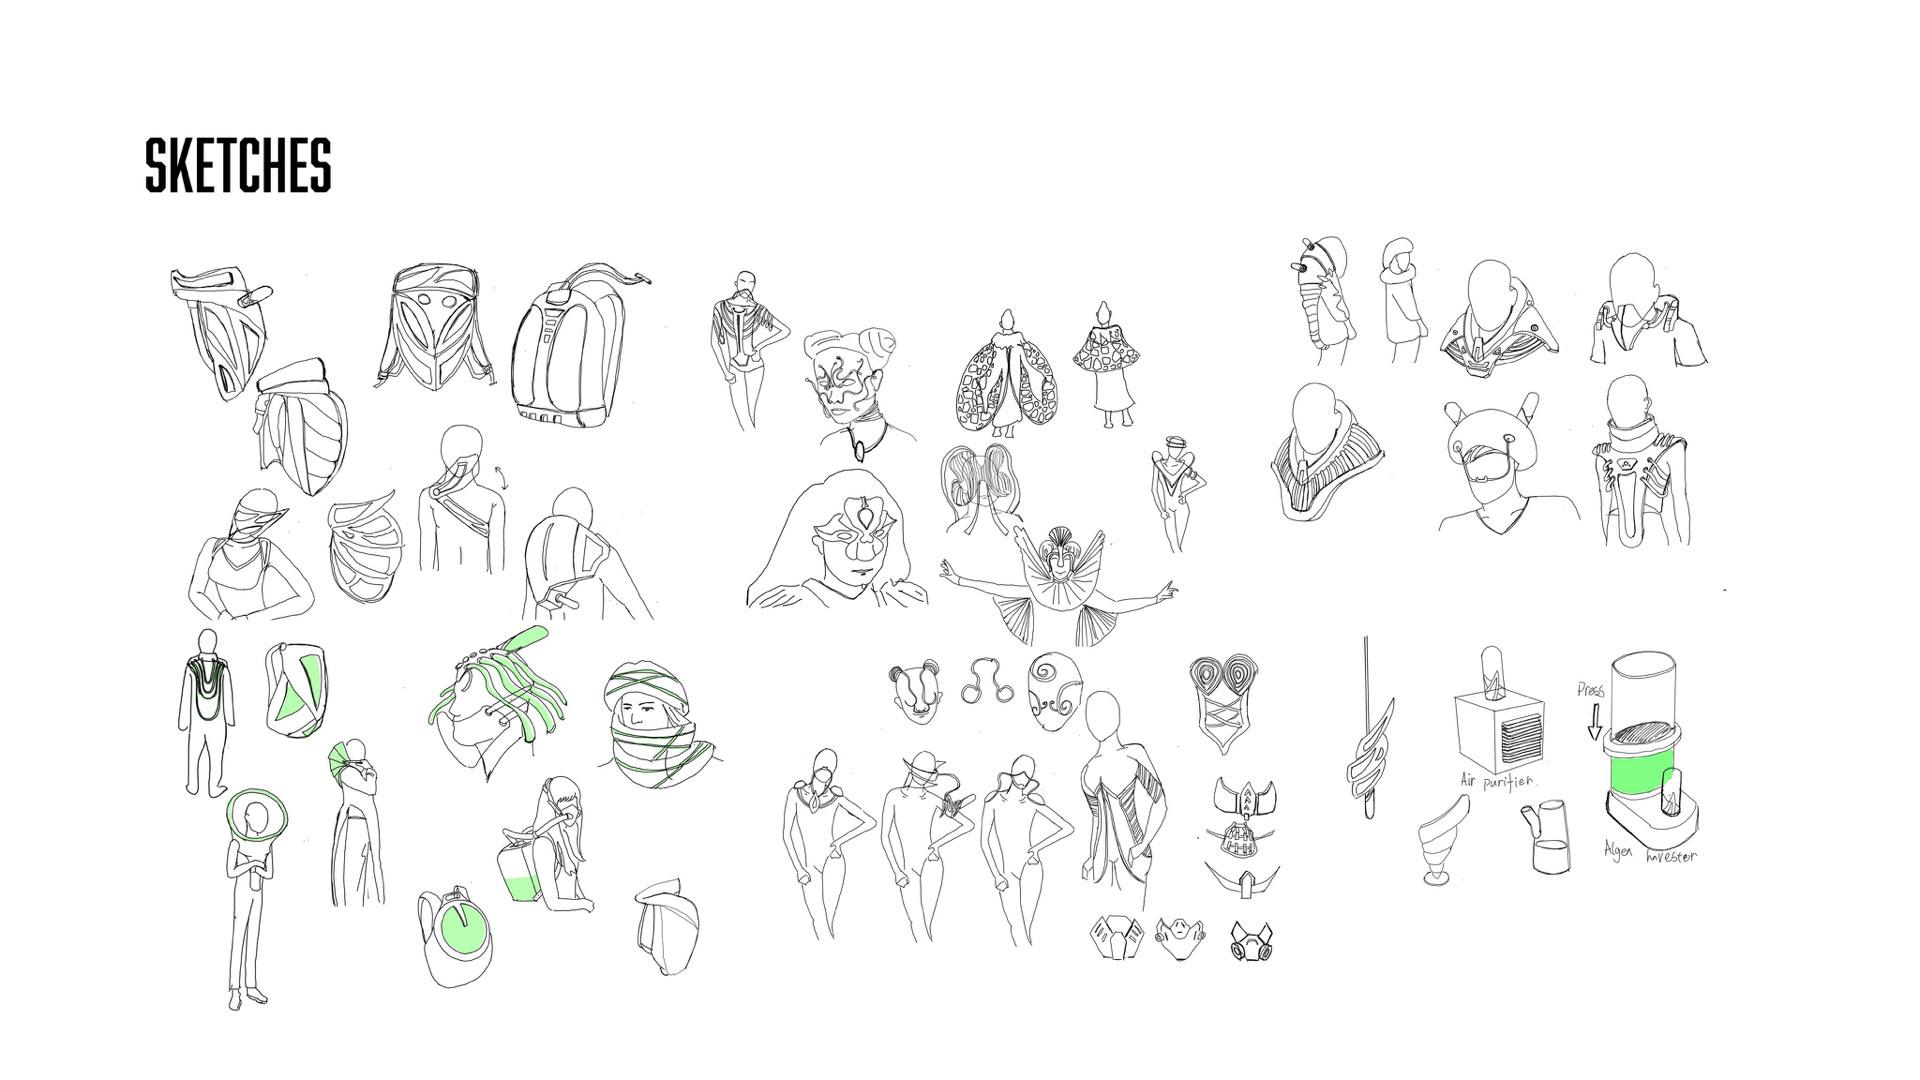 Xu_Bloom-sketches.jpg